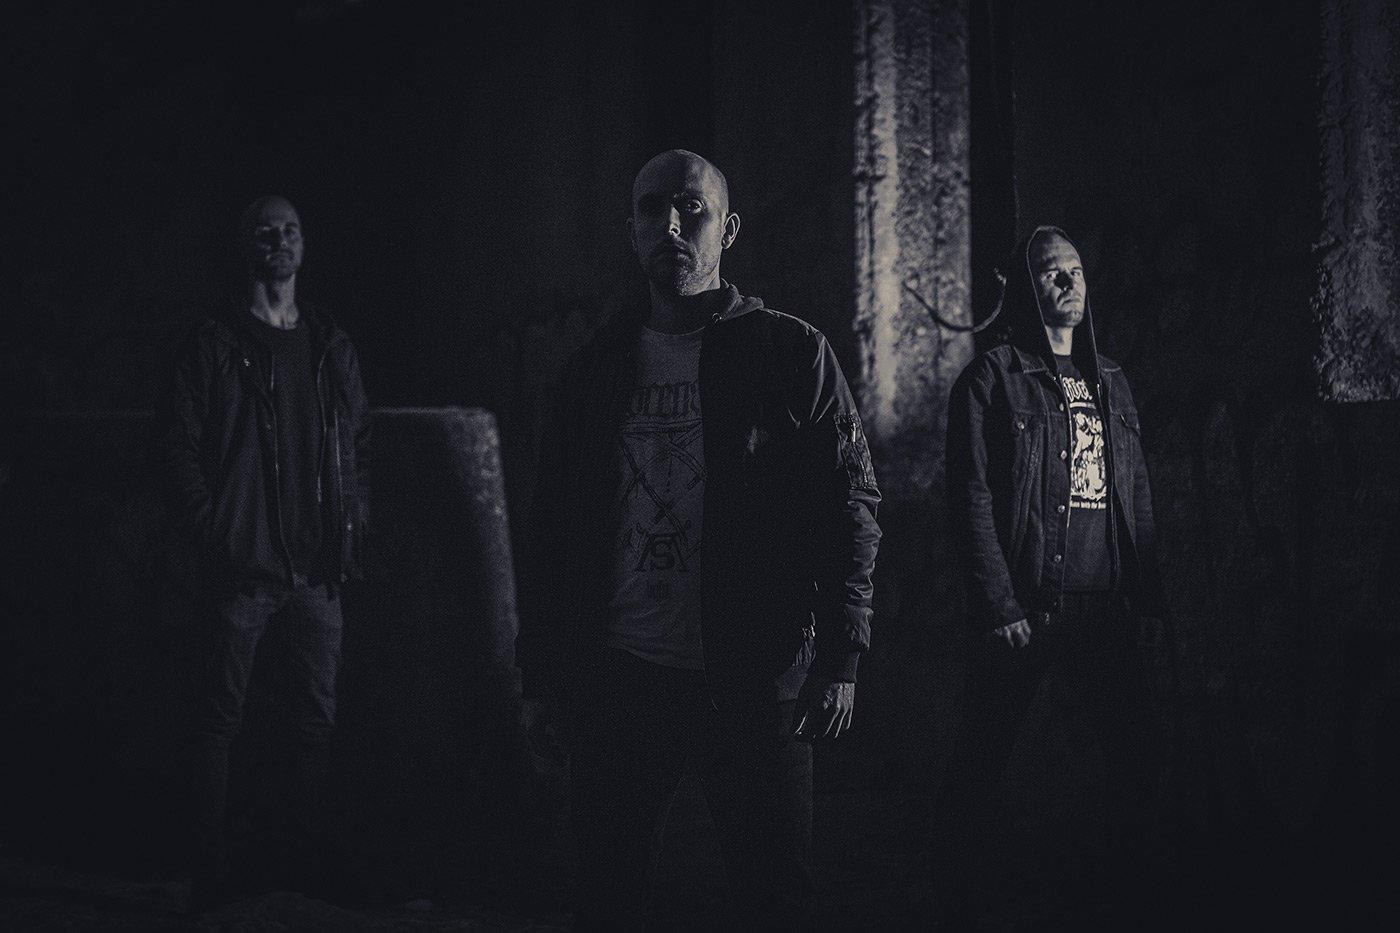 Οι ULCERATE κυκλοφόρησαν το νέο τους τραγούδι 'Dissolved Orders'!